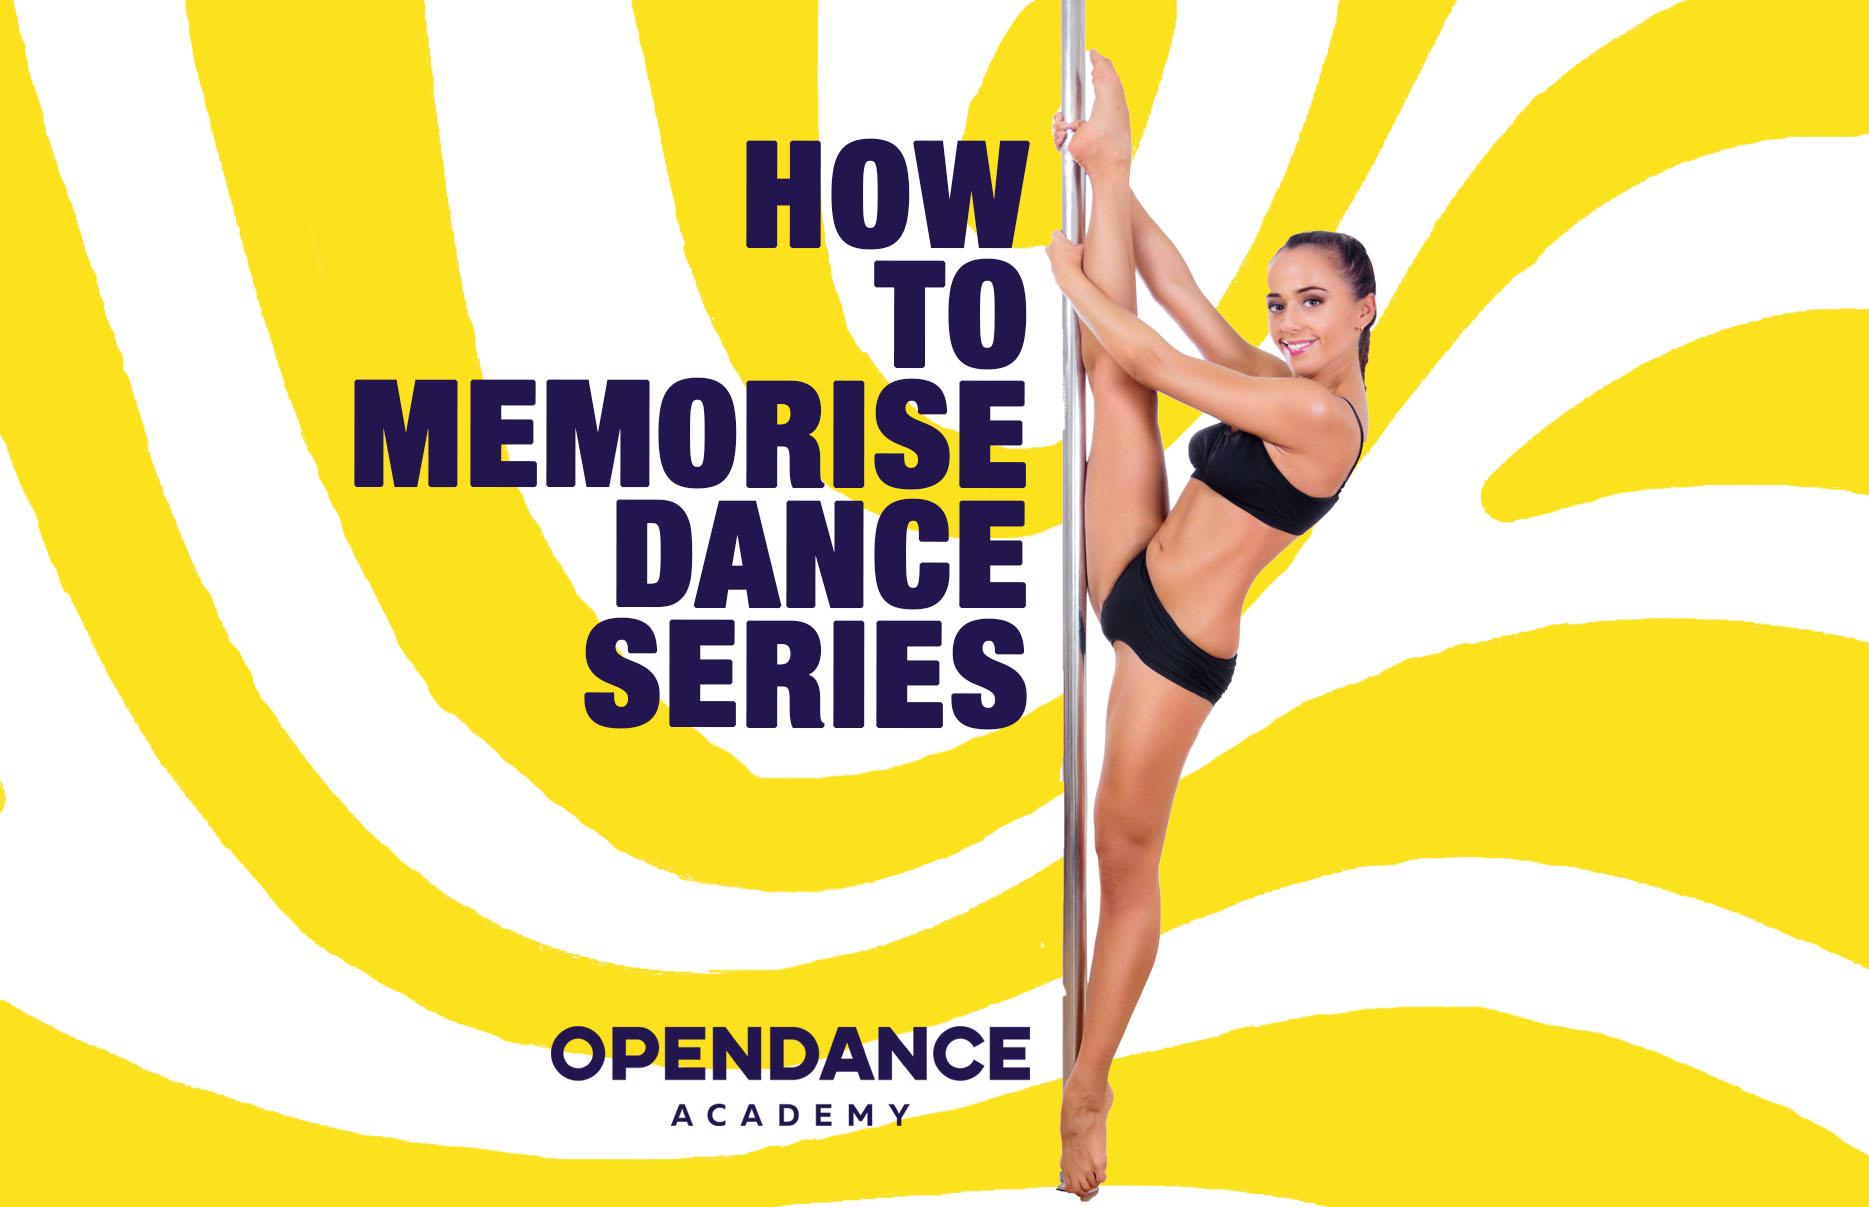 How To Memorise Dance Series